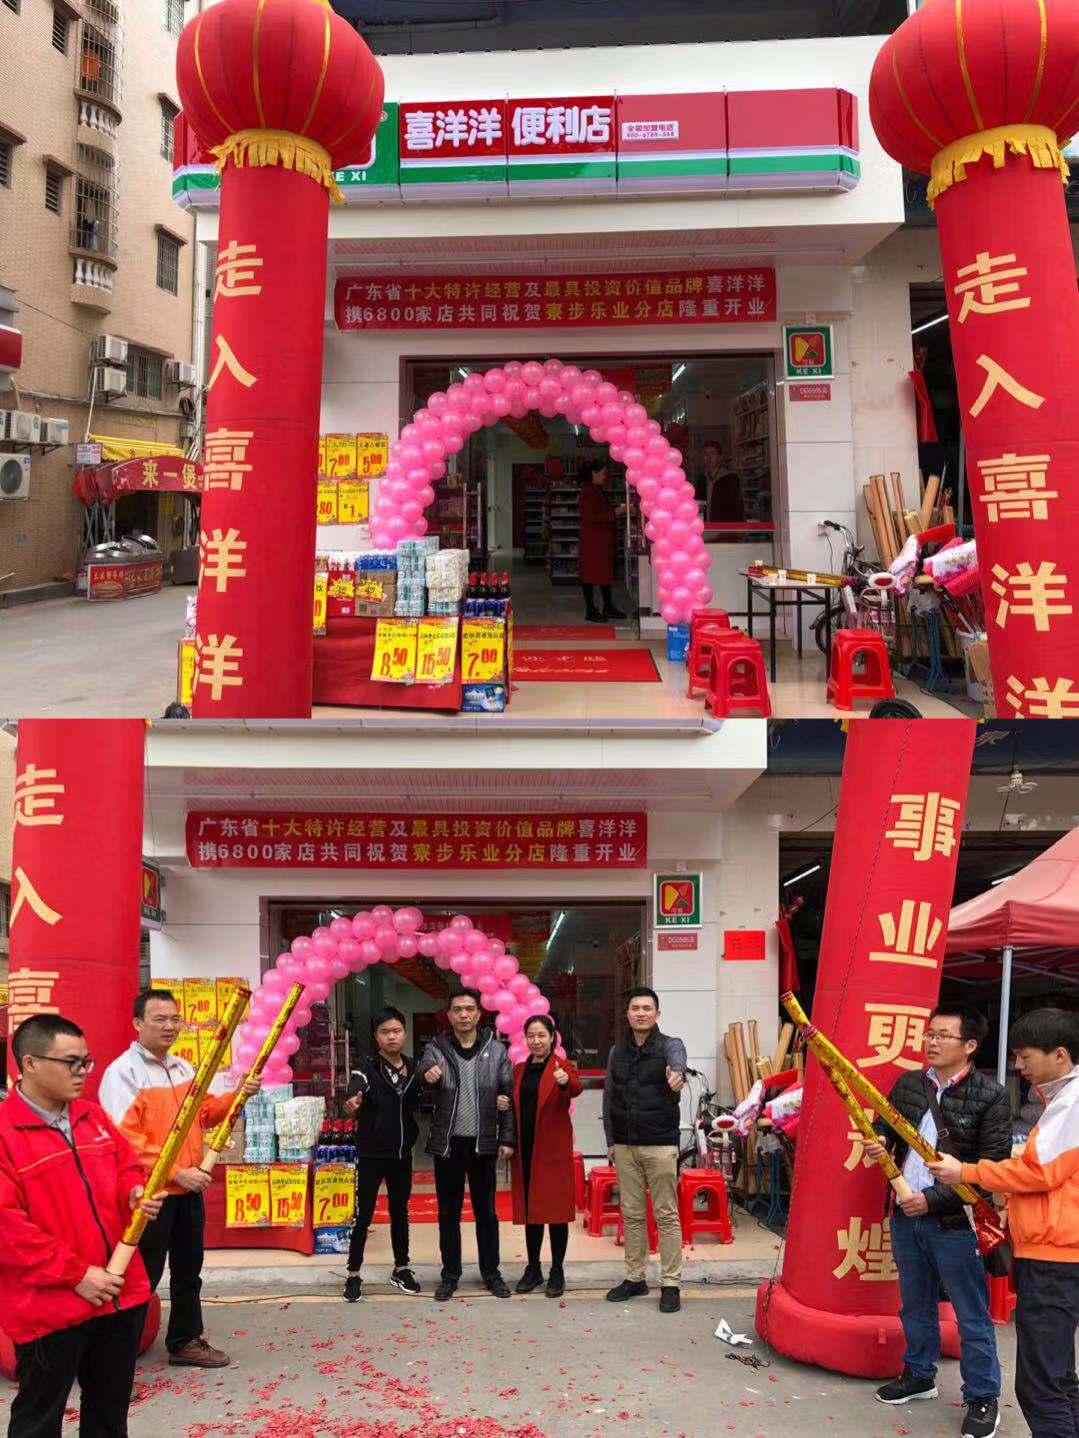 热烈祝贺喜洋洋12月11日又迎来新店开业:寮步乐业分店